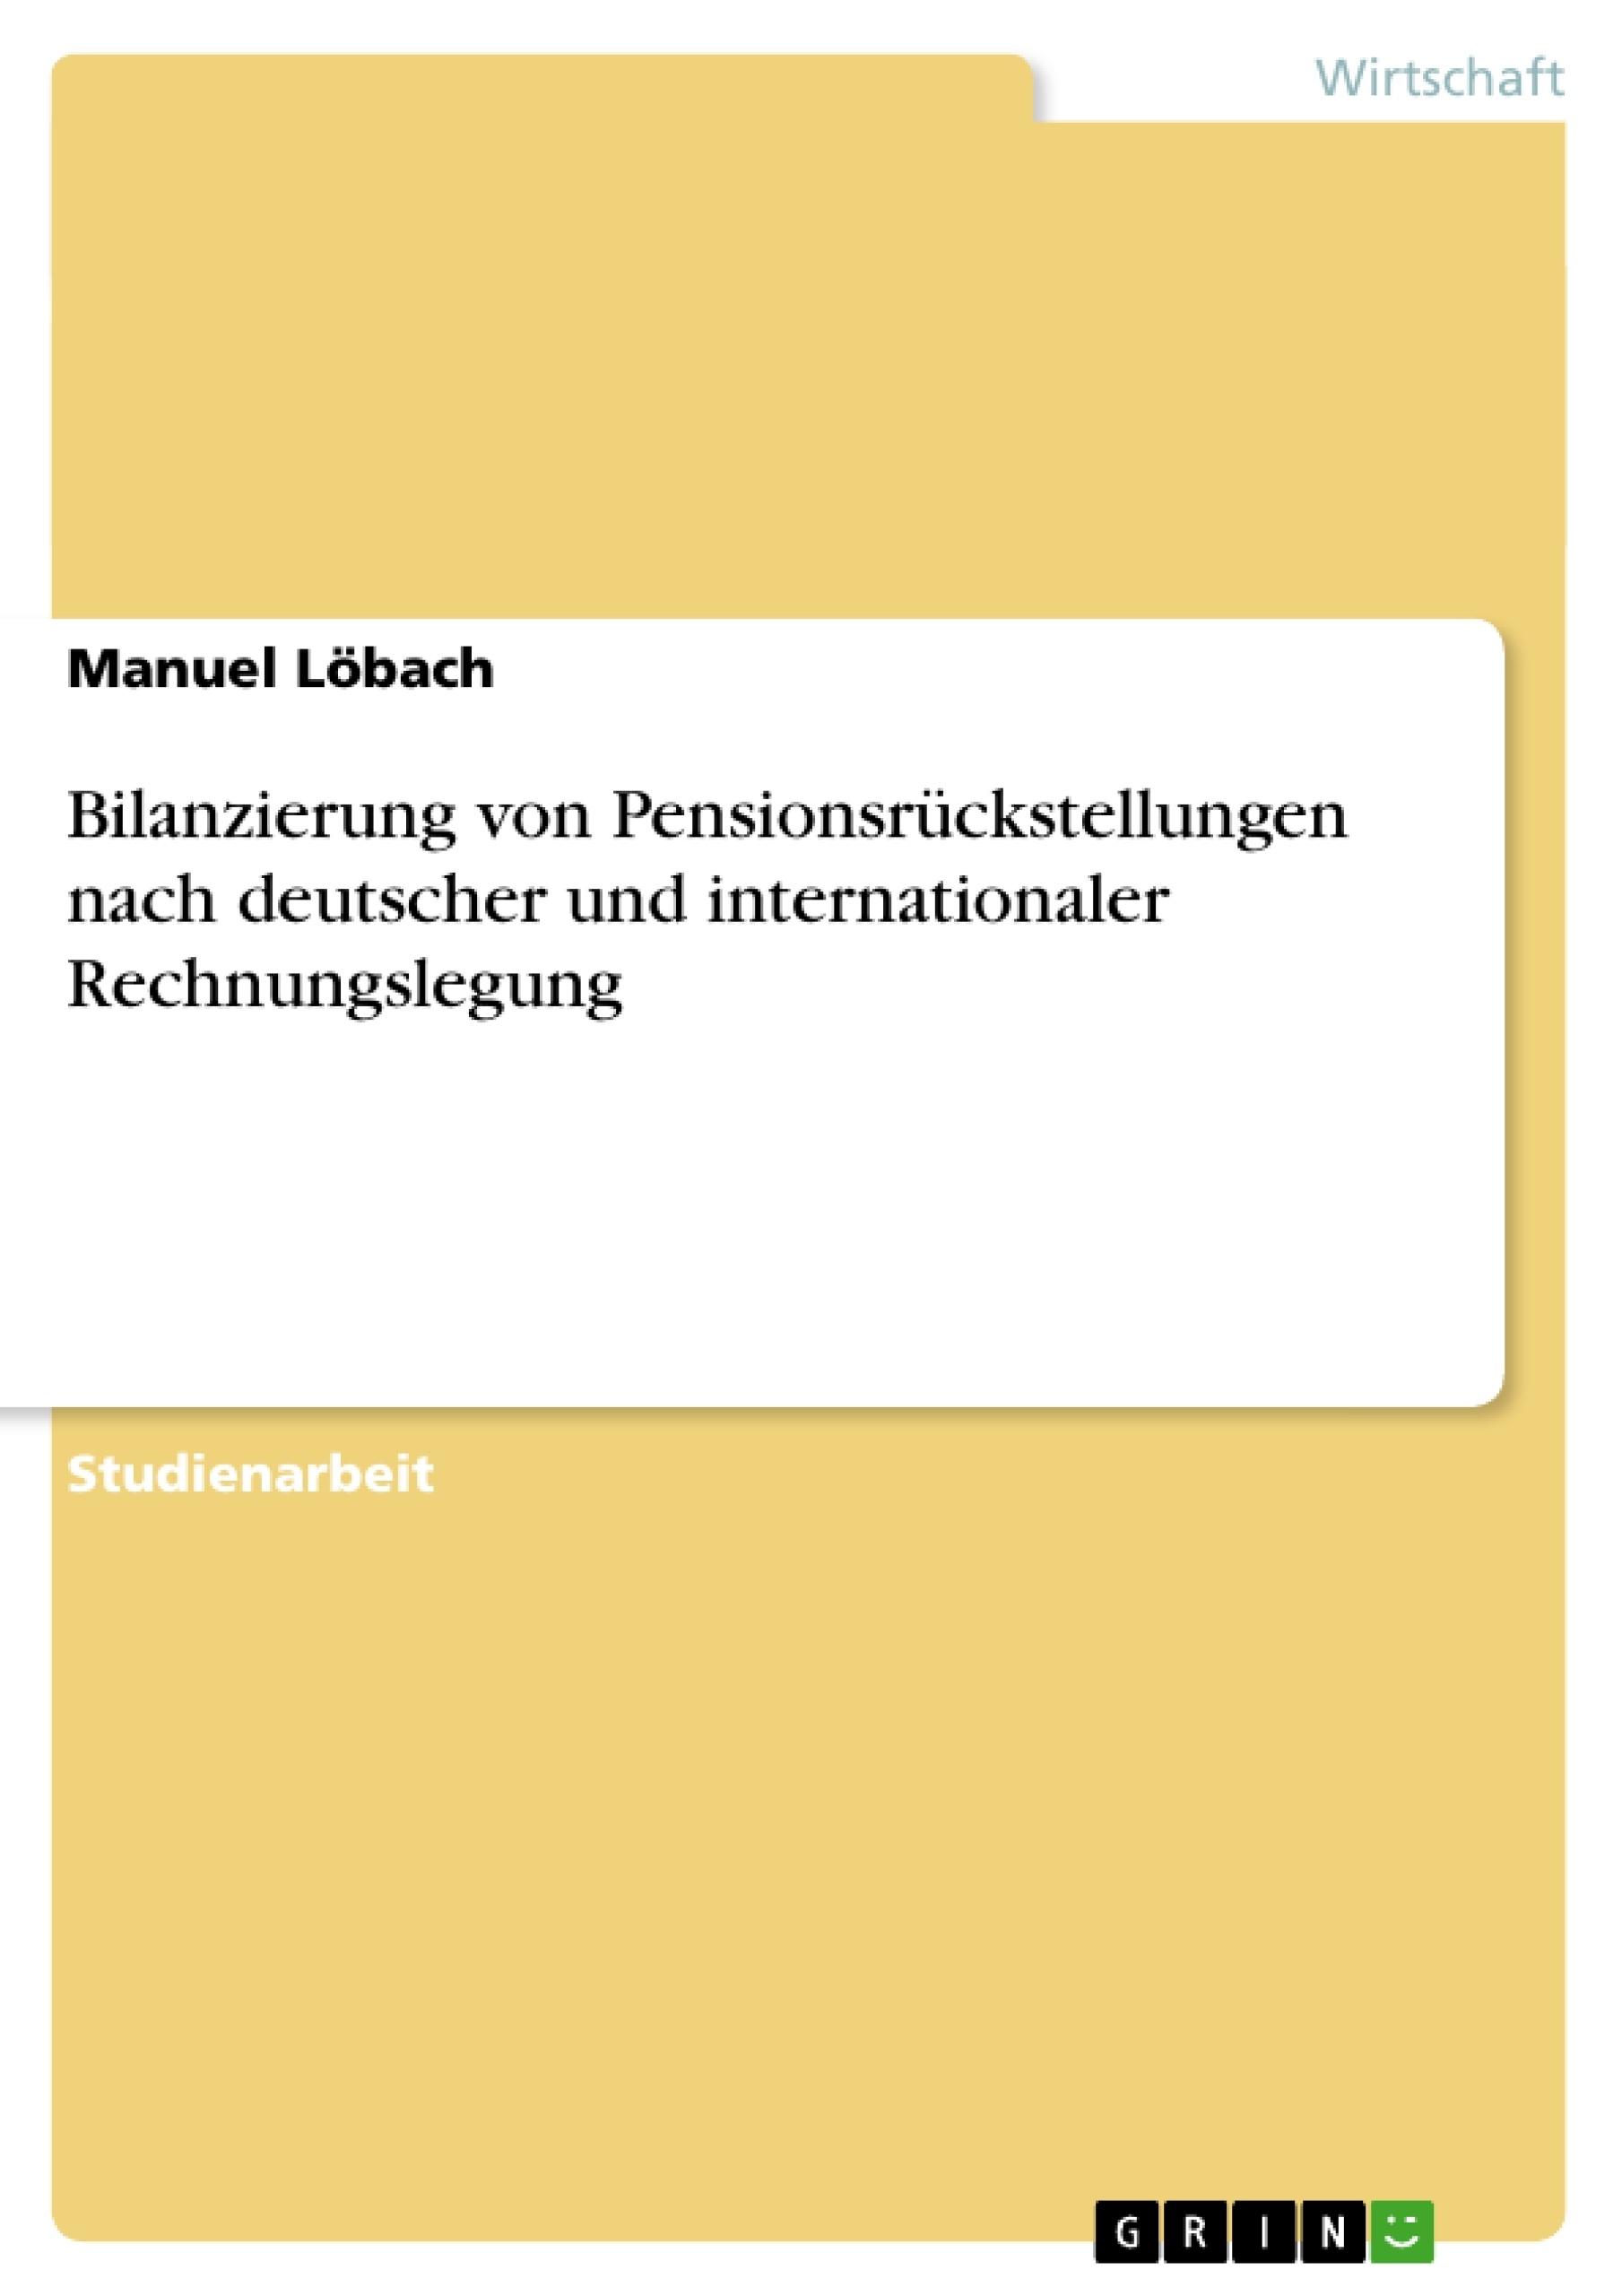 Titel: Bilanzierung von Pensionsrückstellungen nach deutscher und internationaler Rechnungslegung